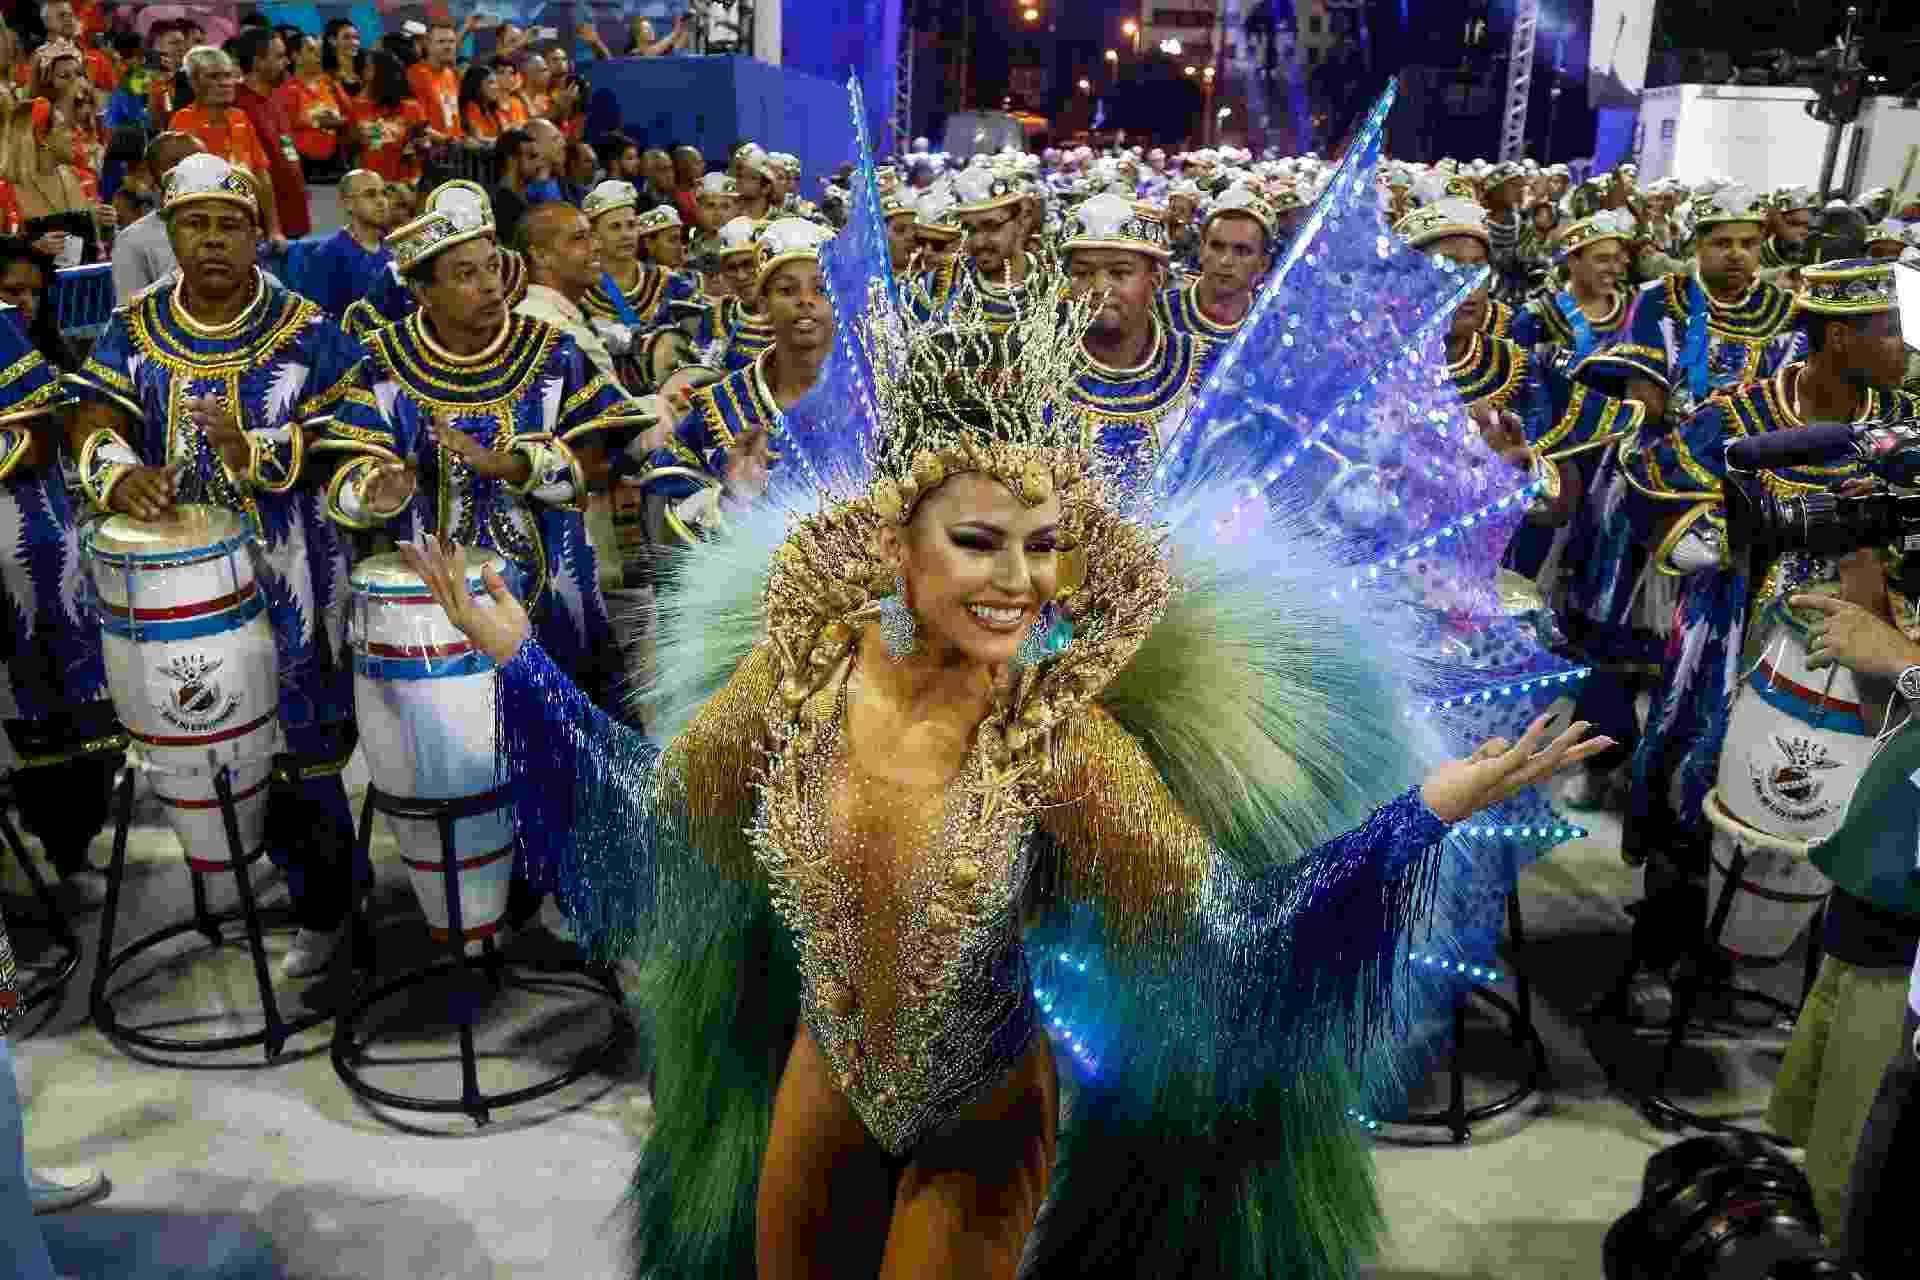 """Desfile da União da Ilha, que com o enredo """"Nzara Ndembu - Glória ao Senhor do Tempo"""" leva para a Sapucaí uma história da mitologia angolana pouco difundida no Brasil - Marco Antônio Teixeira/UOL"""